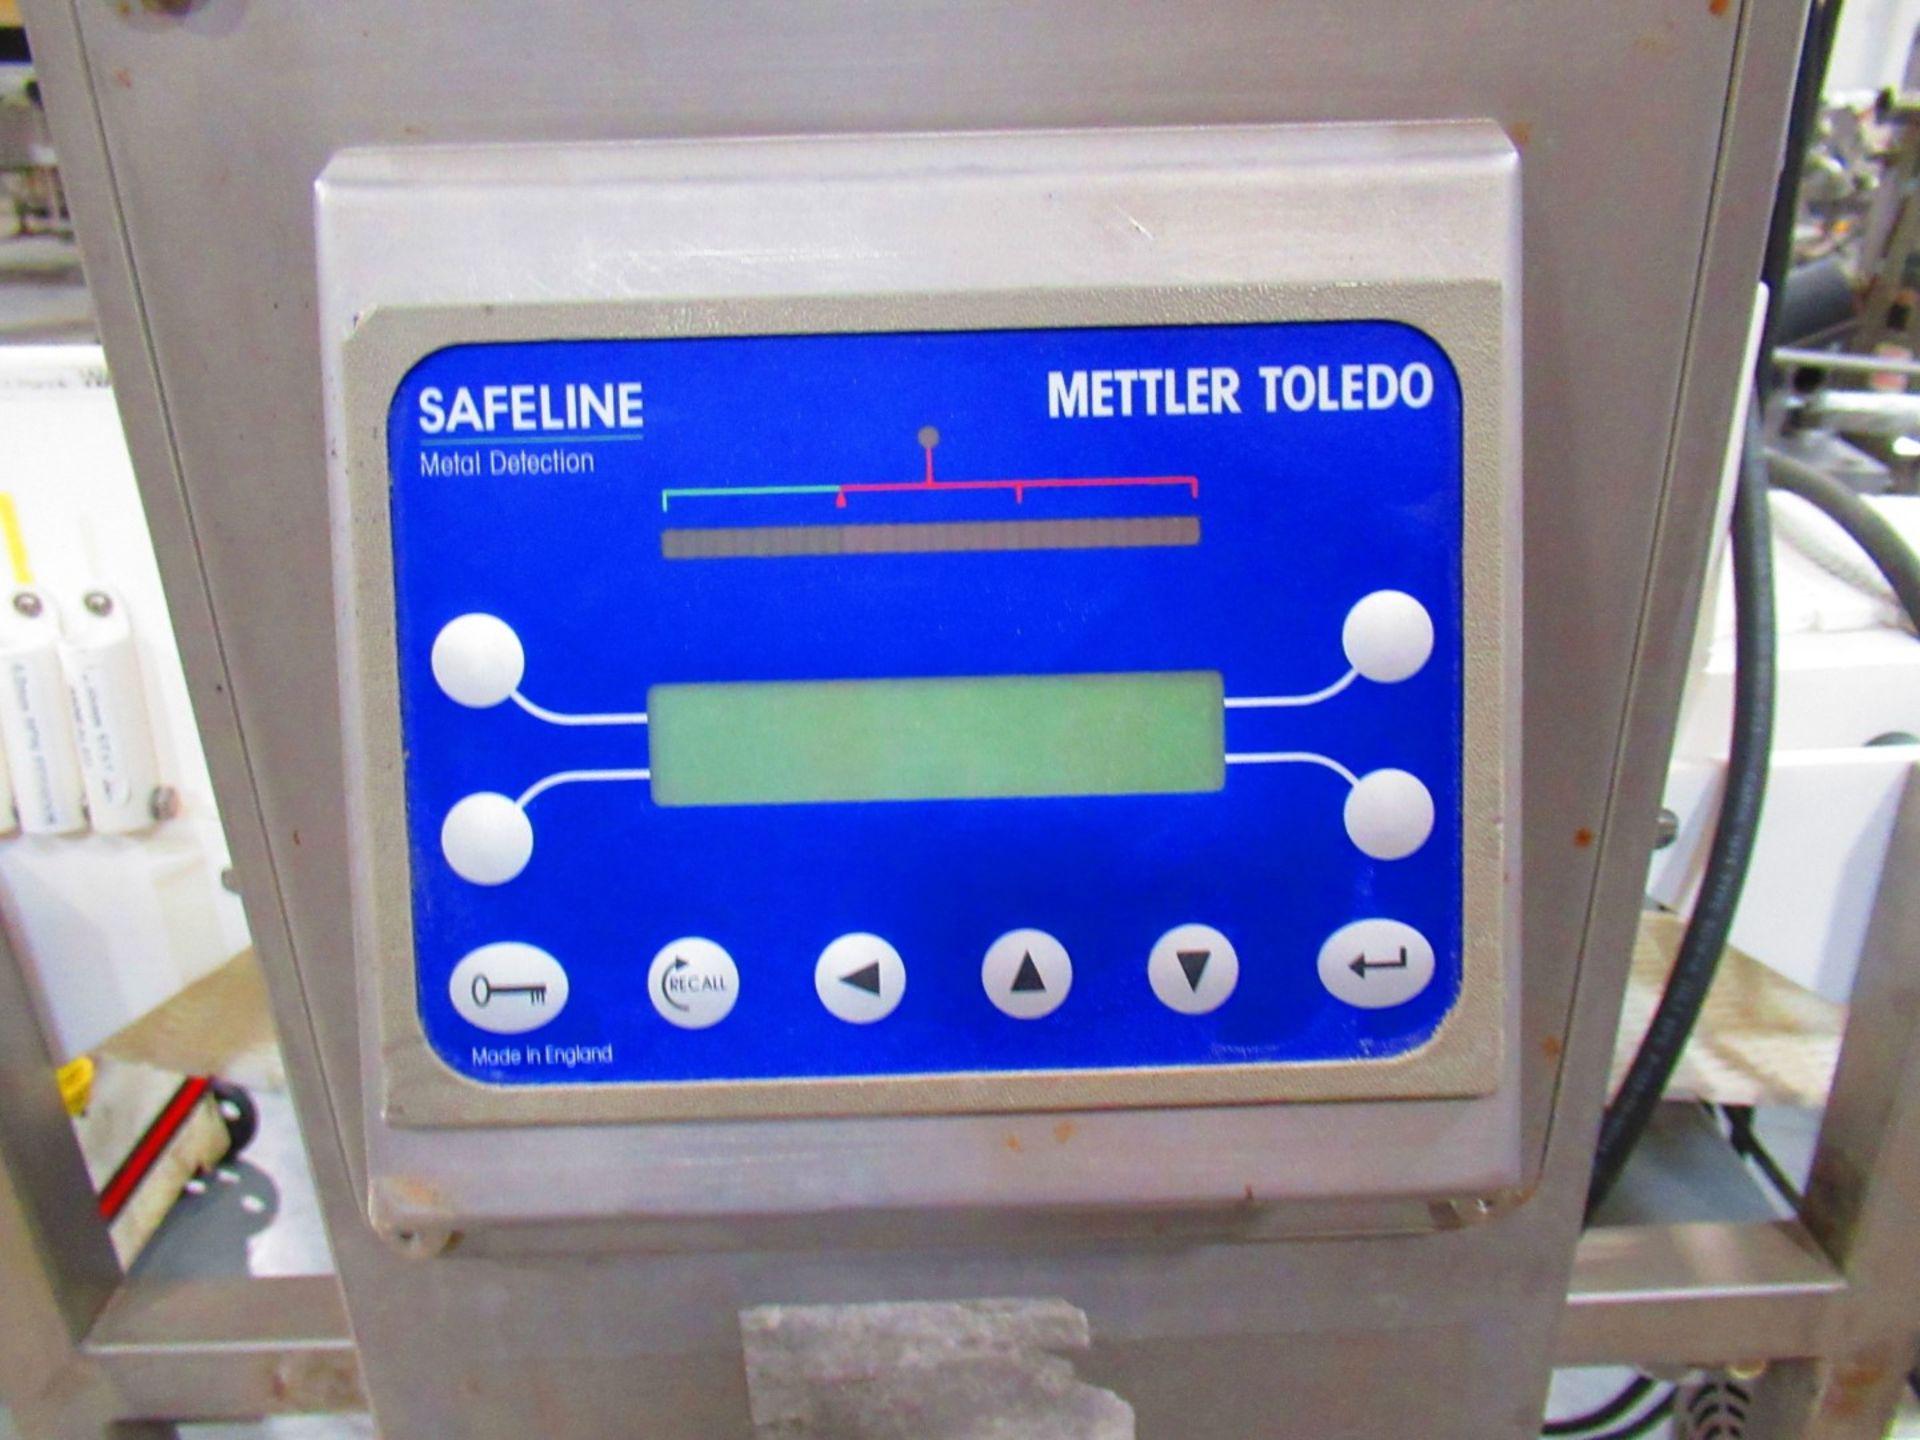 Metal Detector - Image 3 of 3